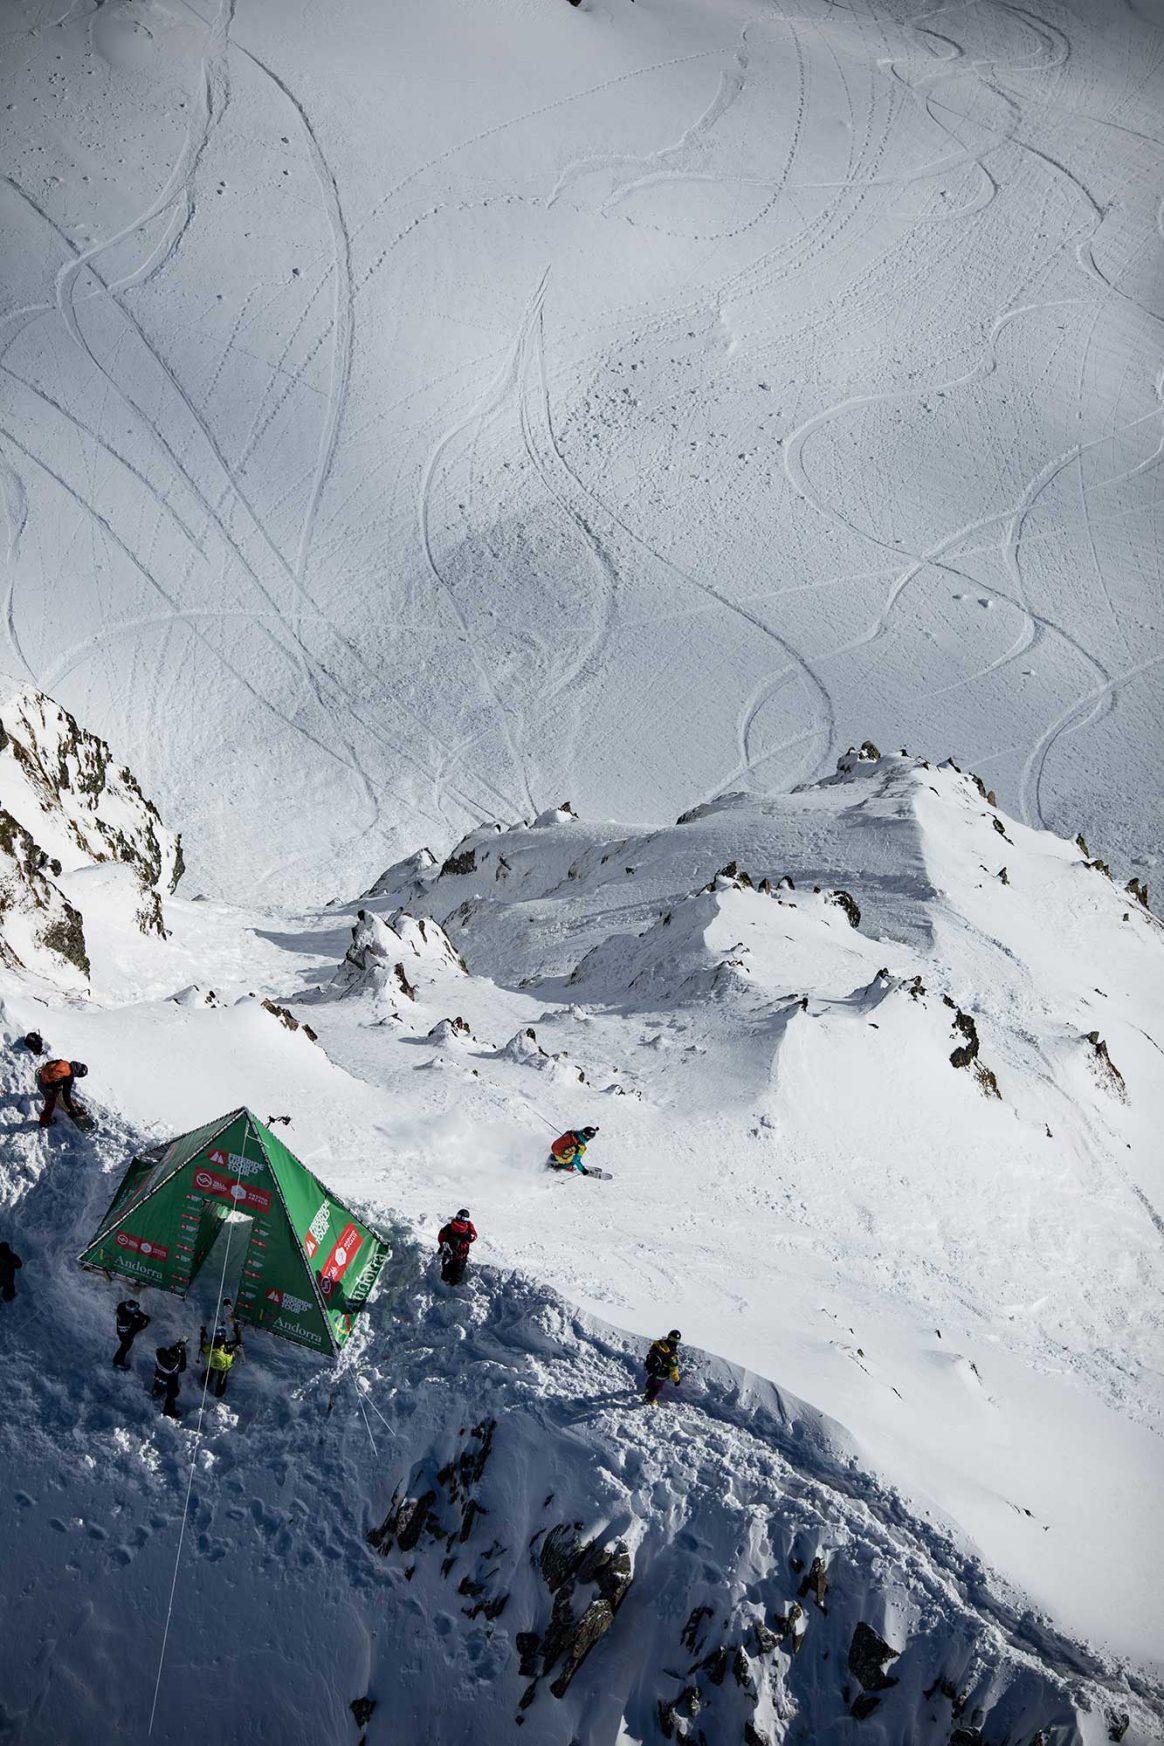 Freeride World Tour Vallnord-Arcalis, Andorra